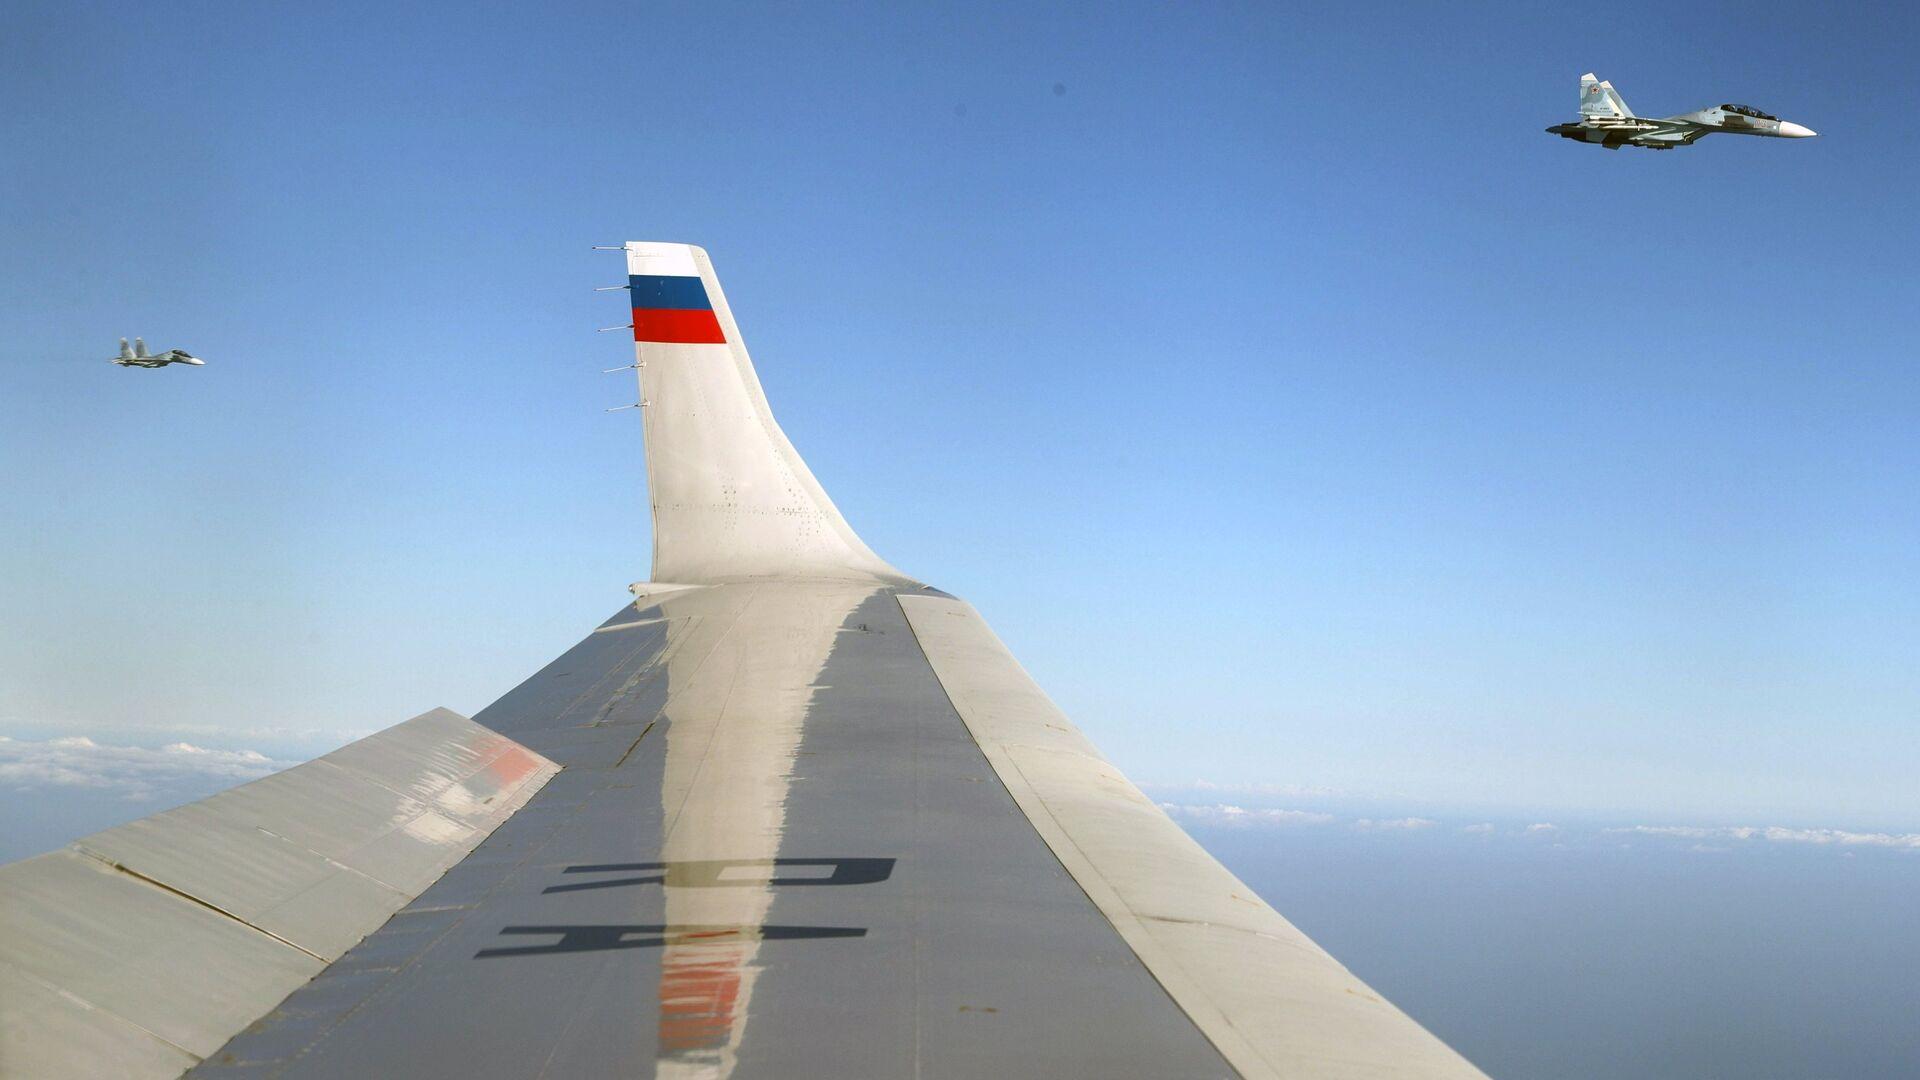 Самолеты Су-30 ВКС РФ сопровождают самолет президента РФ Владимира Путина  в Сирии - РИА Новости, 1920, 11.02.2021